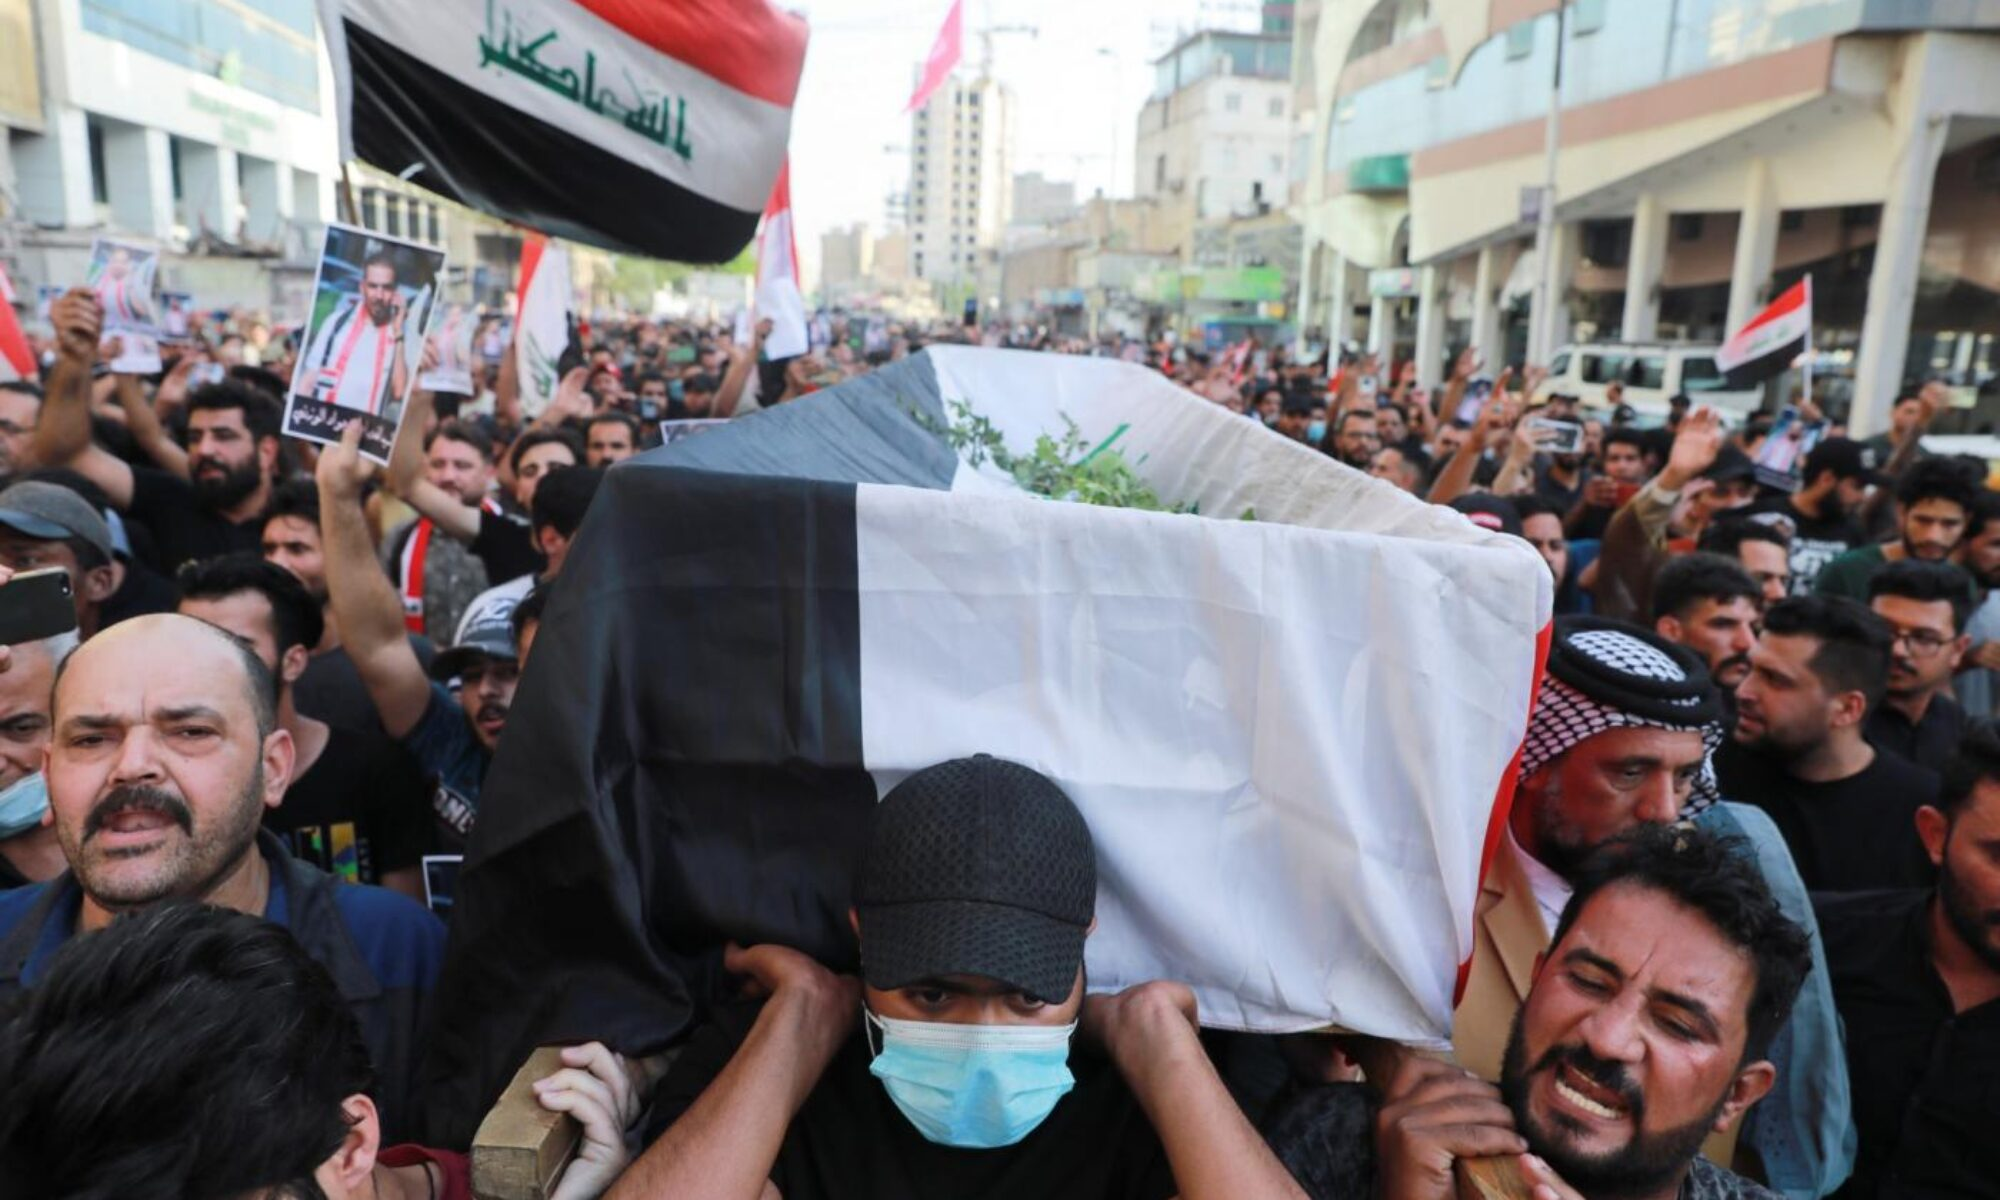 Kerbela'da bir göstericinin öldürülmesi üzerine halk Kerbela'daki İran konsolosluğunu ateşe verdi